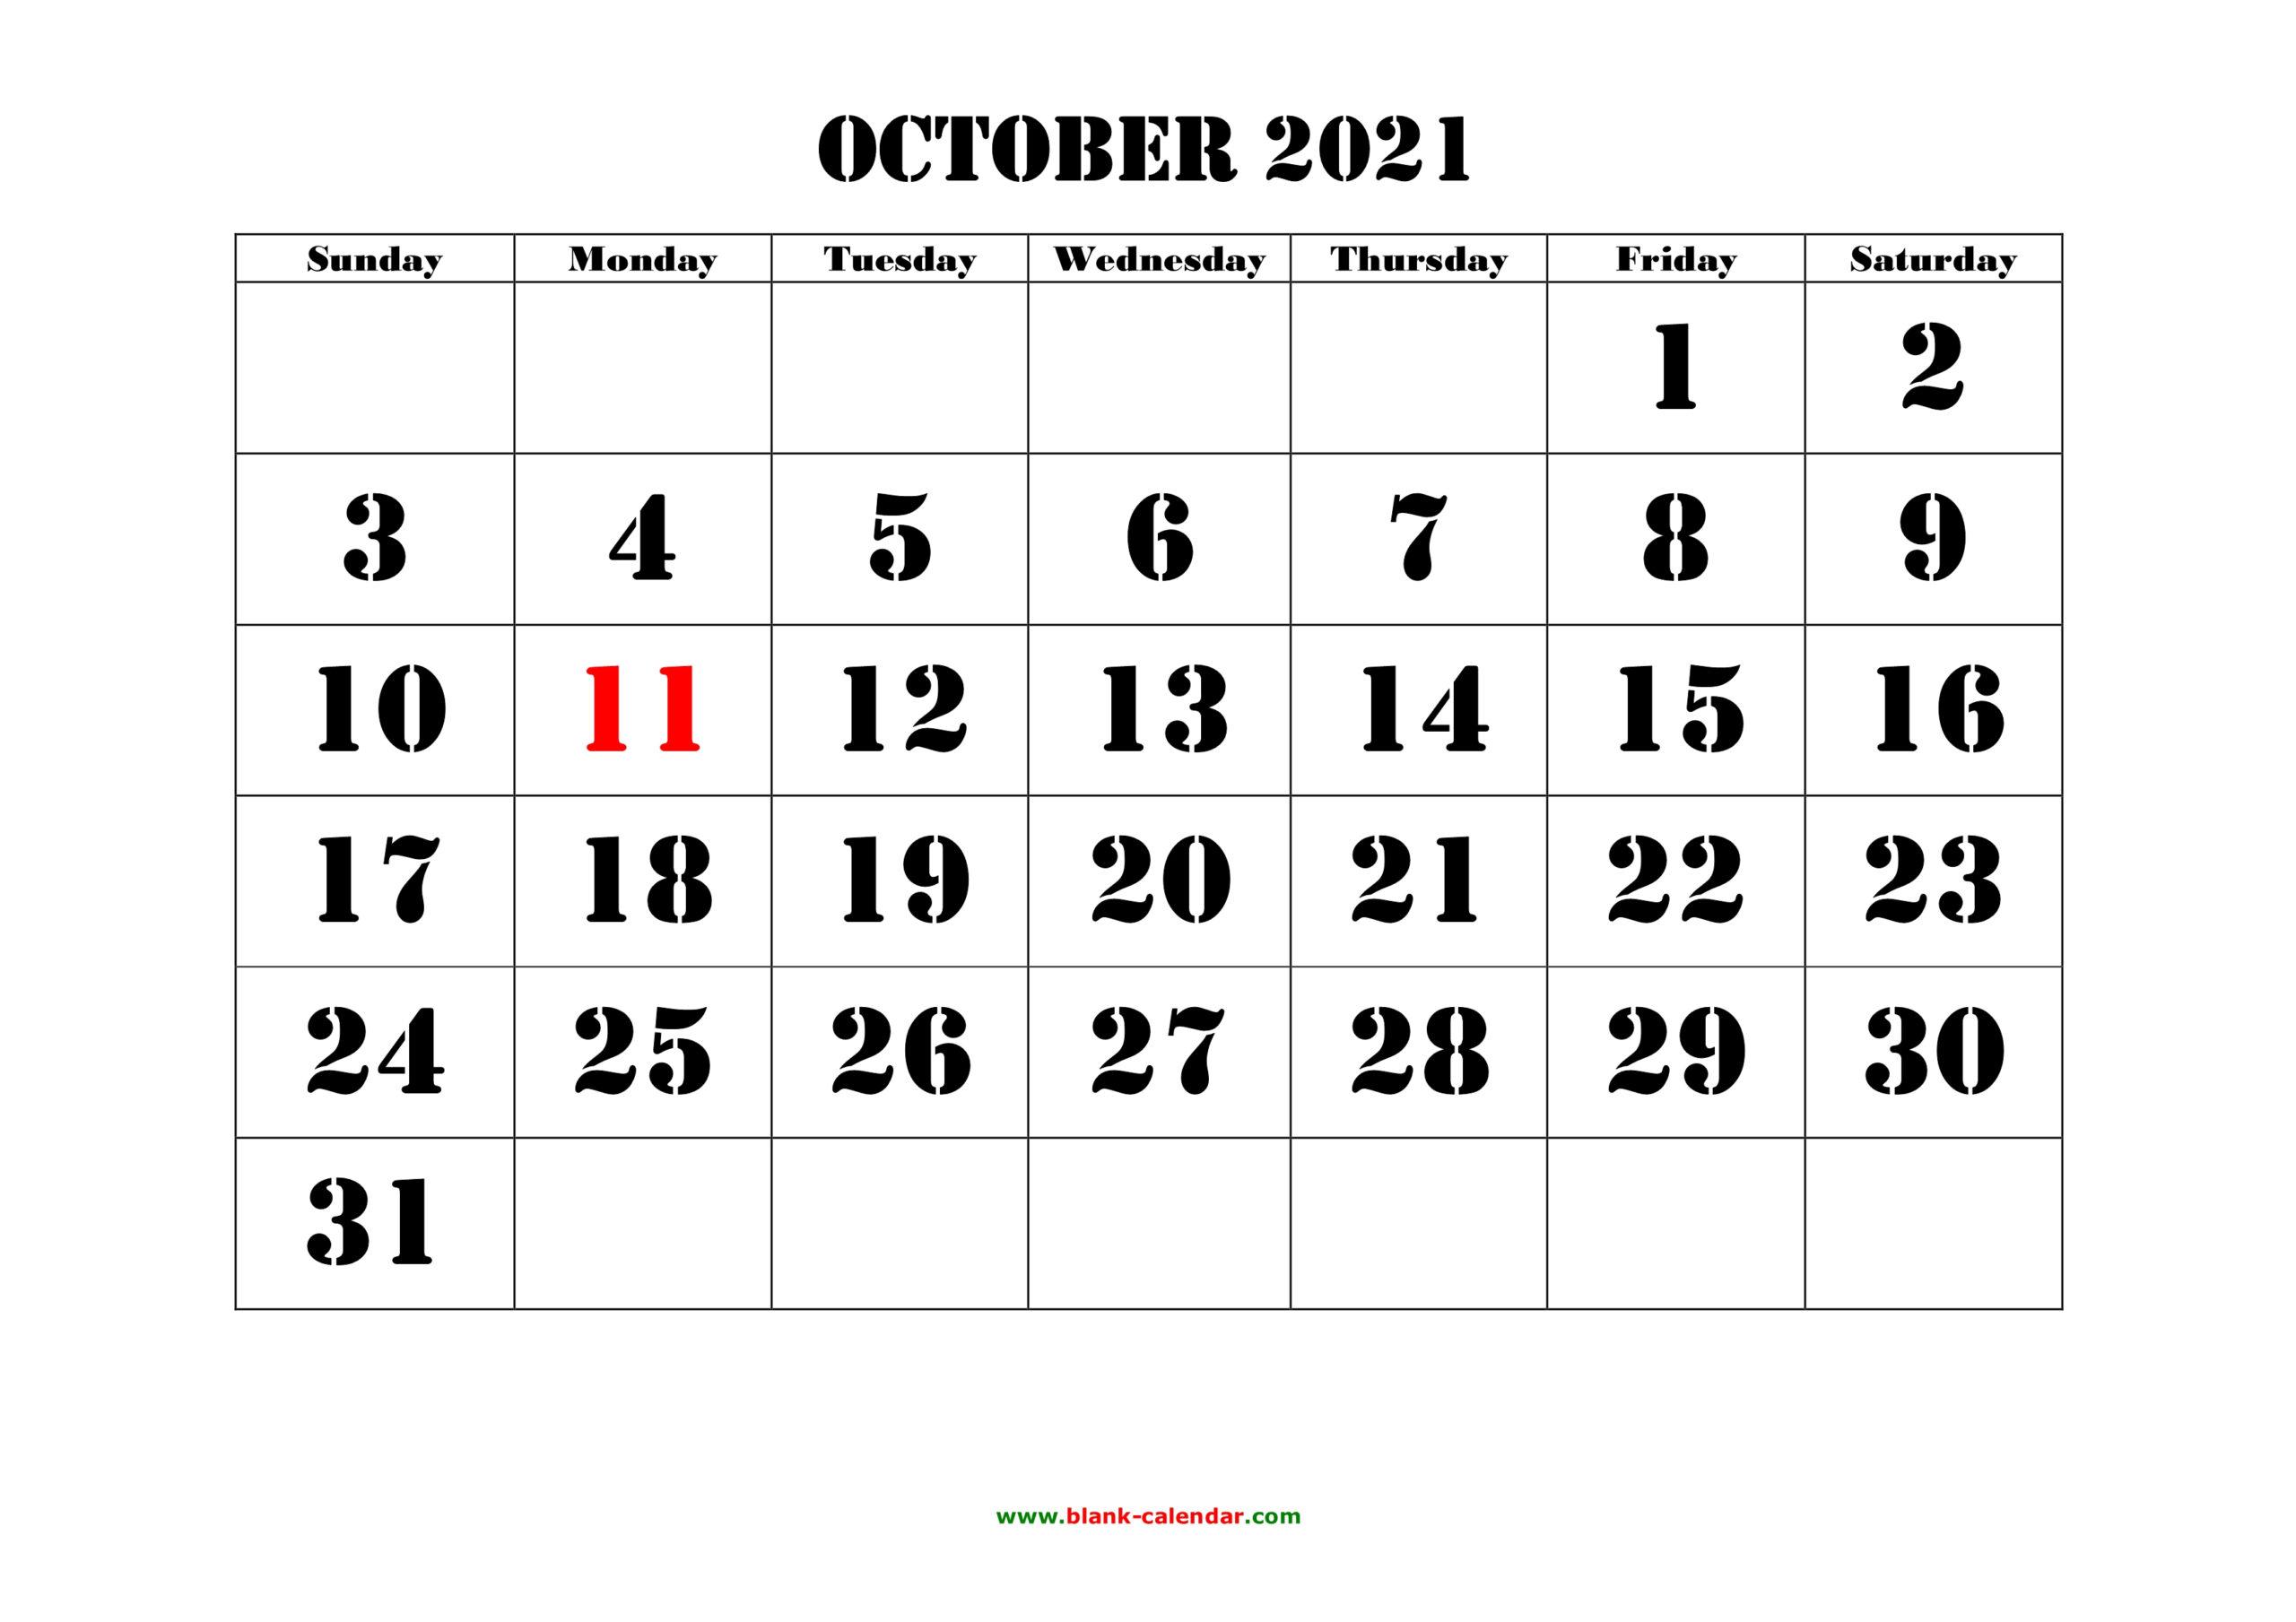 Free Download Printable October 2021 Calendar, Large Font Design , Holidays On Red